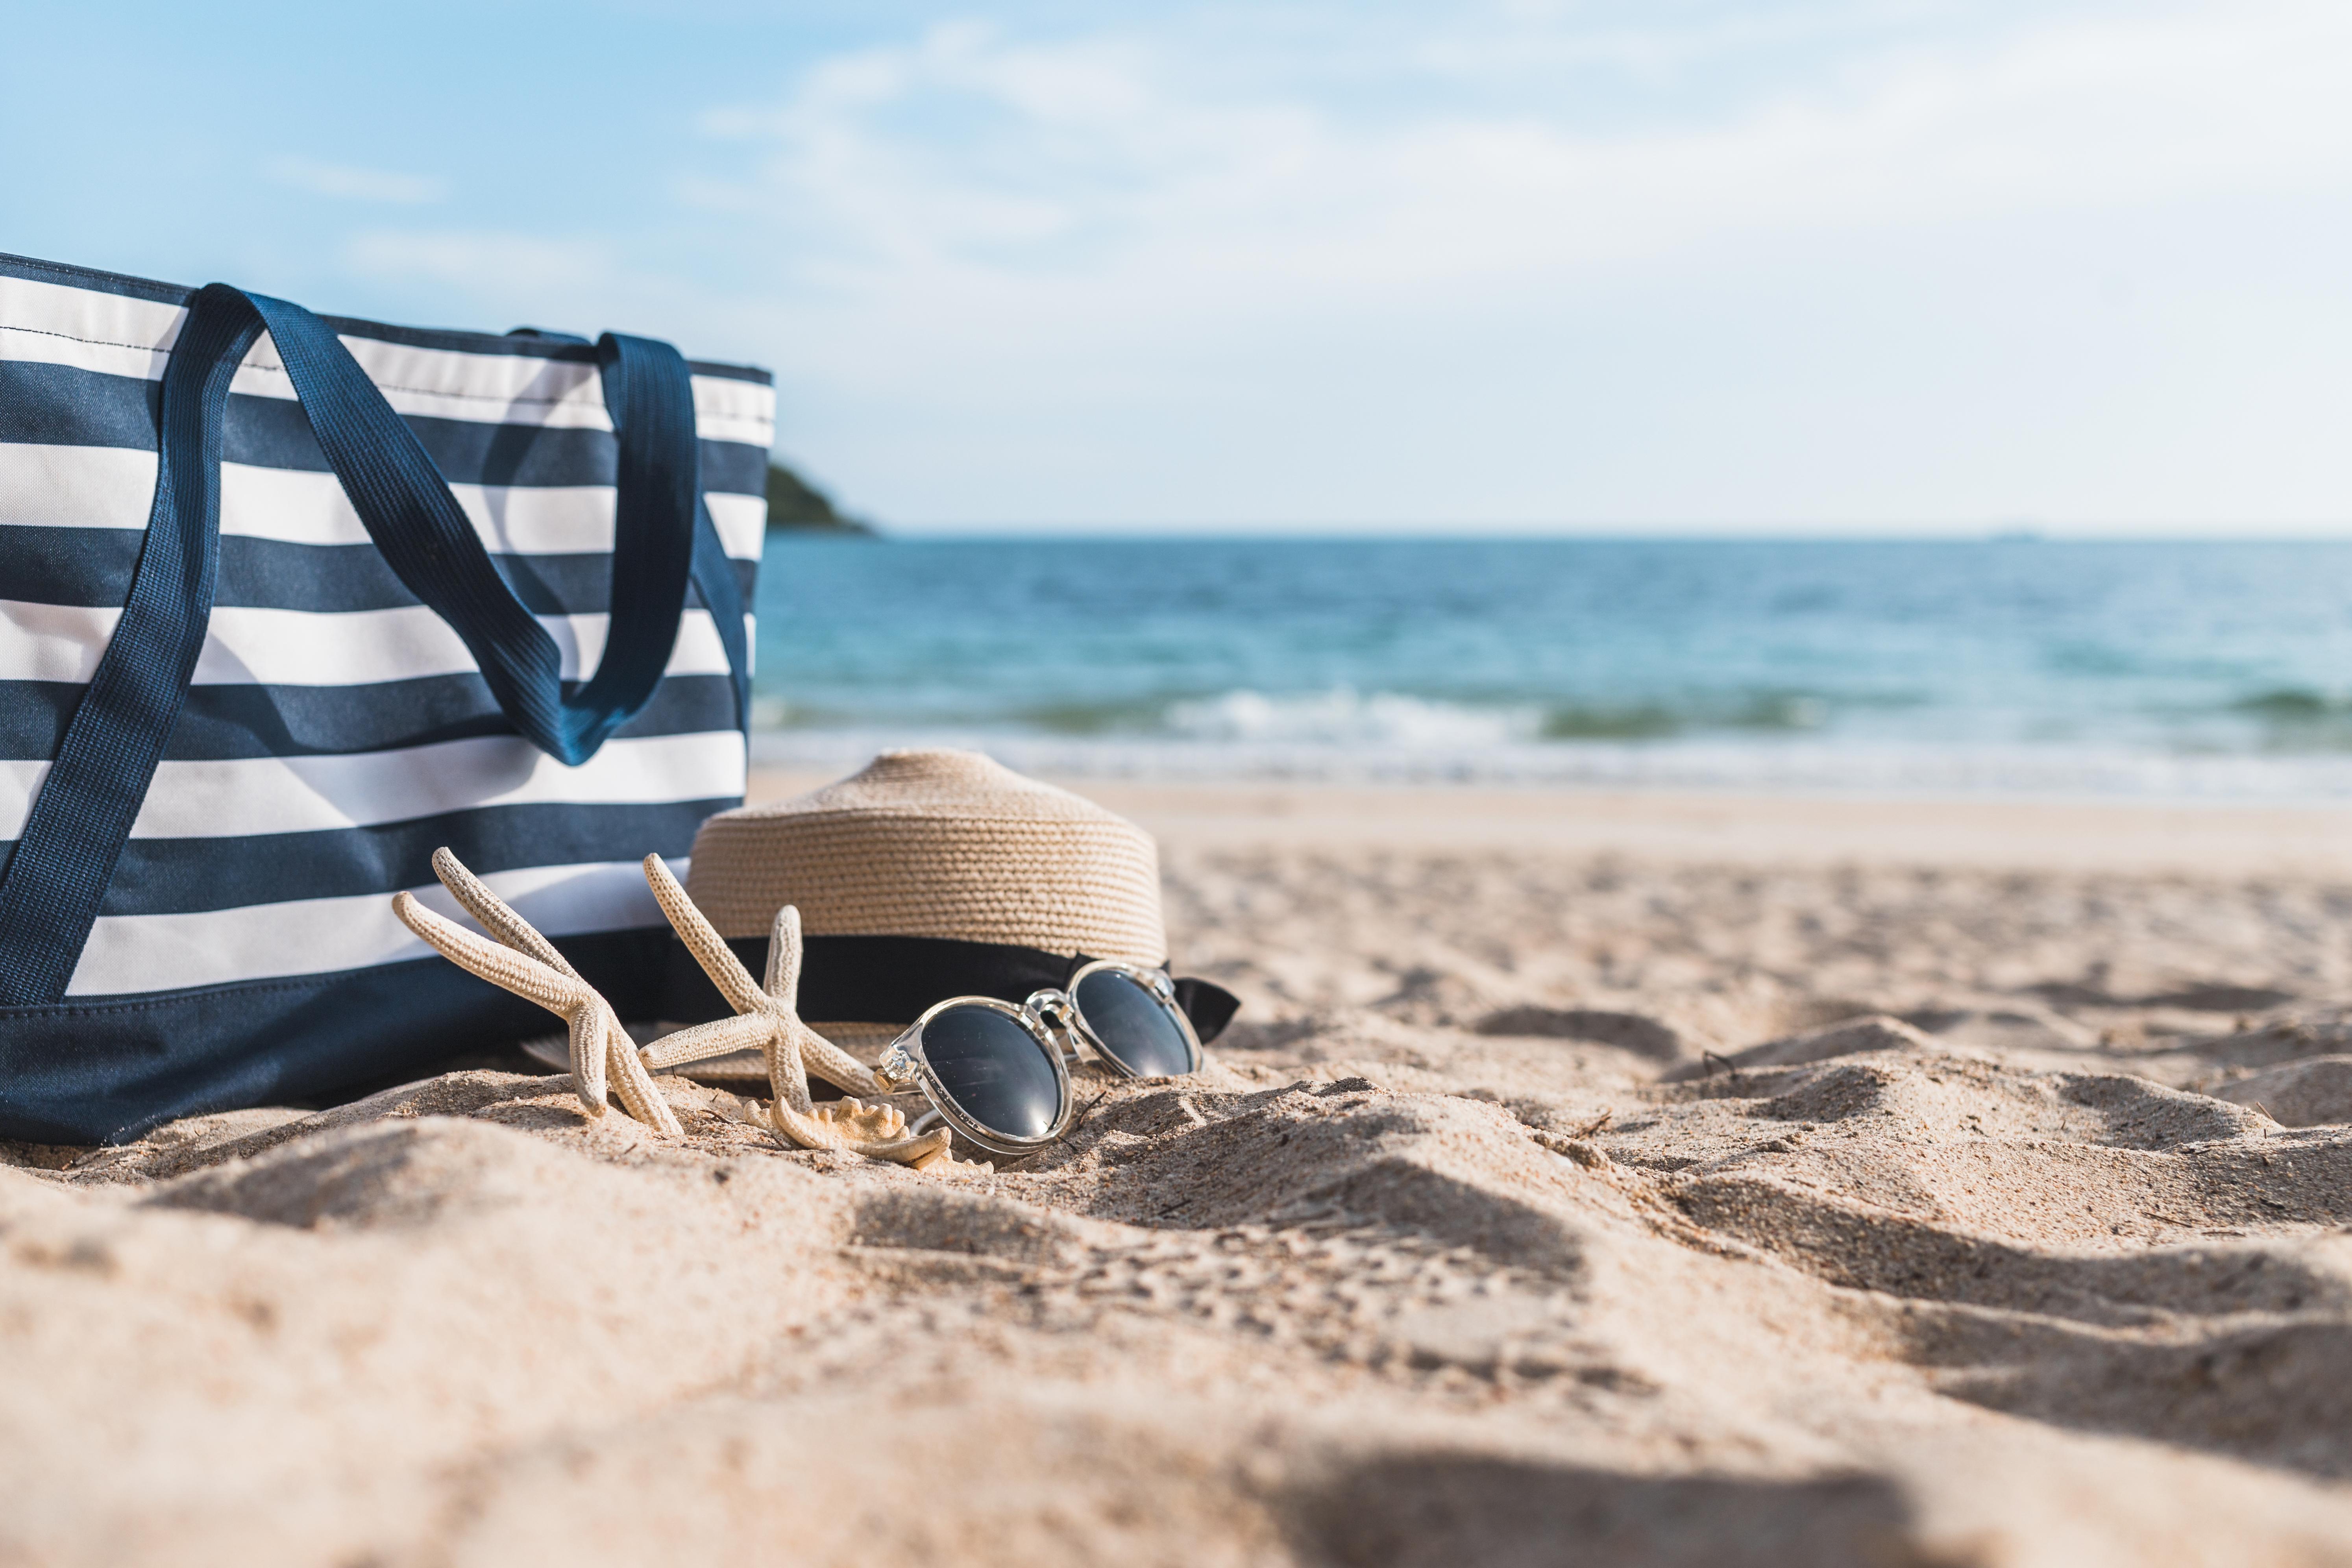 Les gestes barrières pendant les vacances